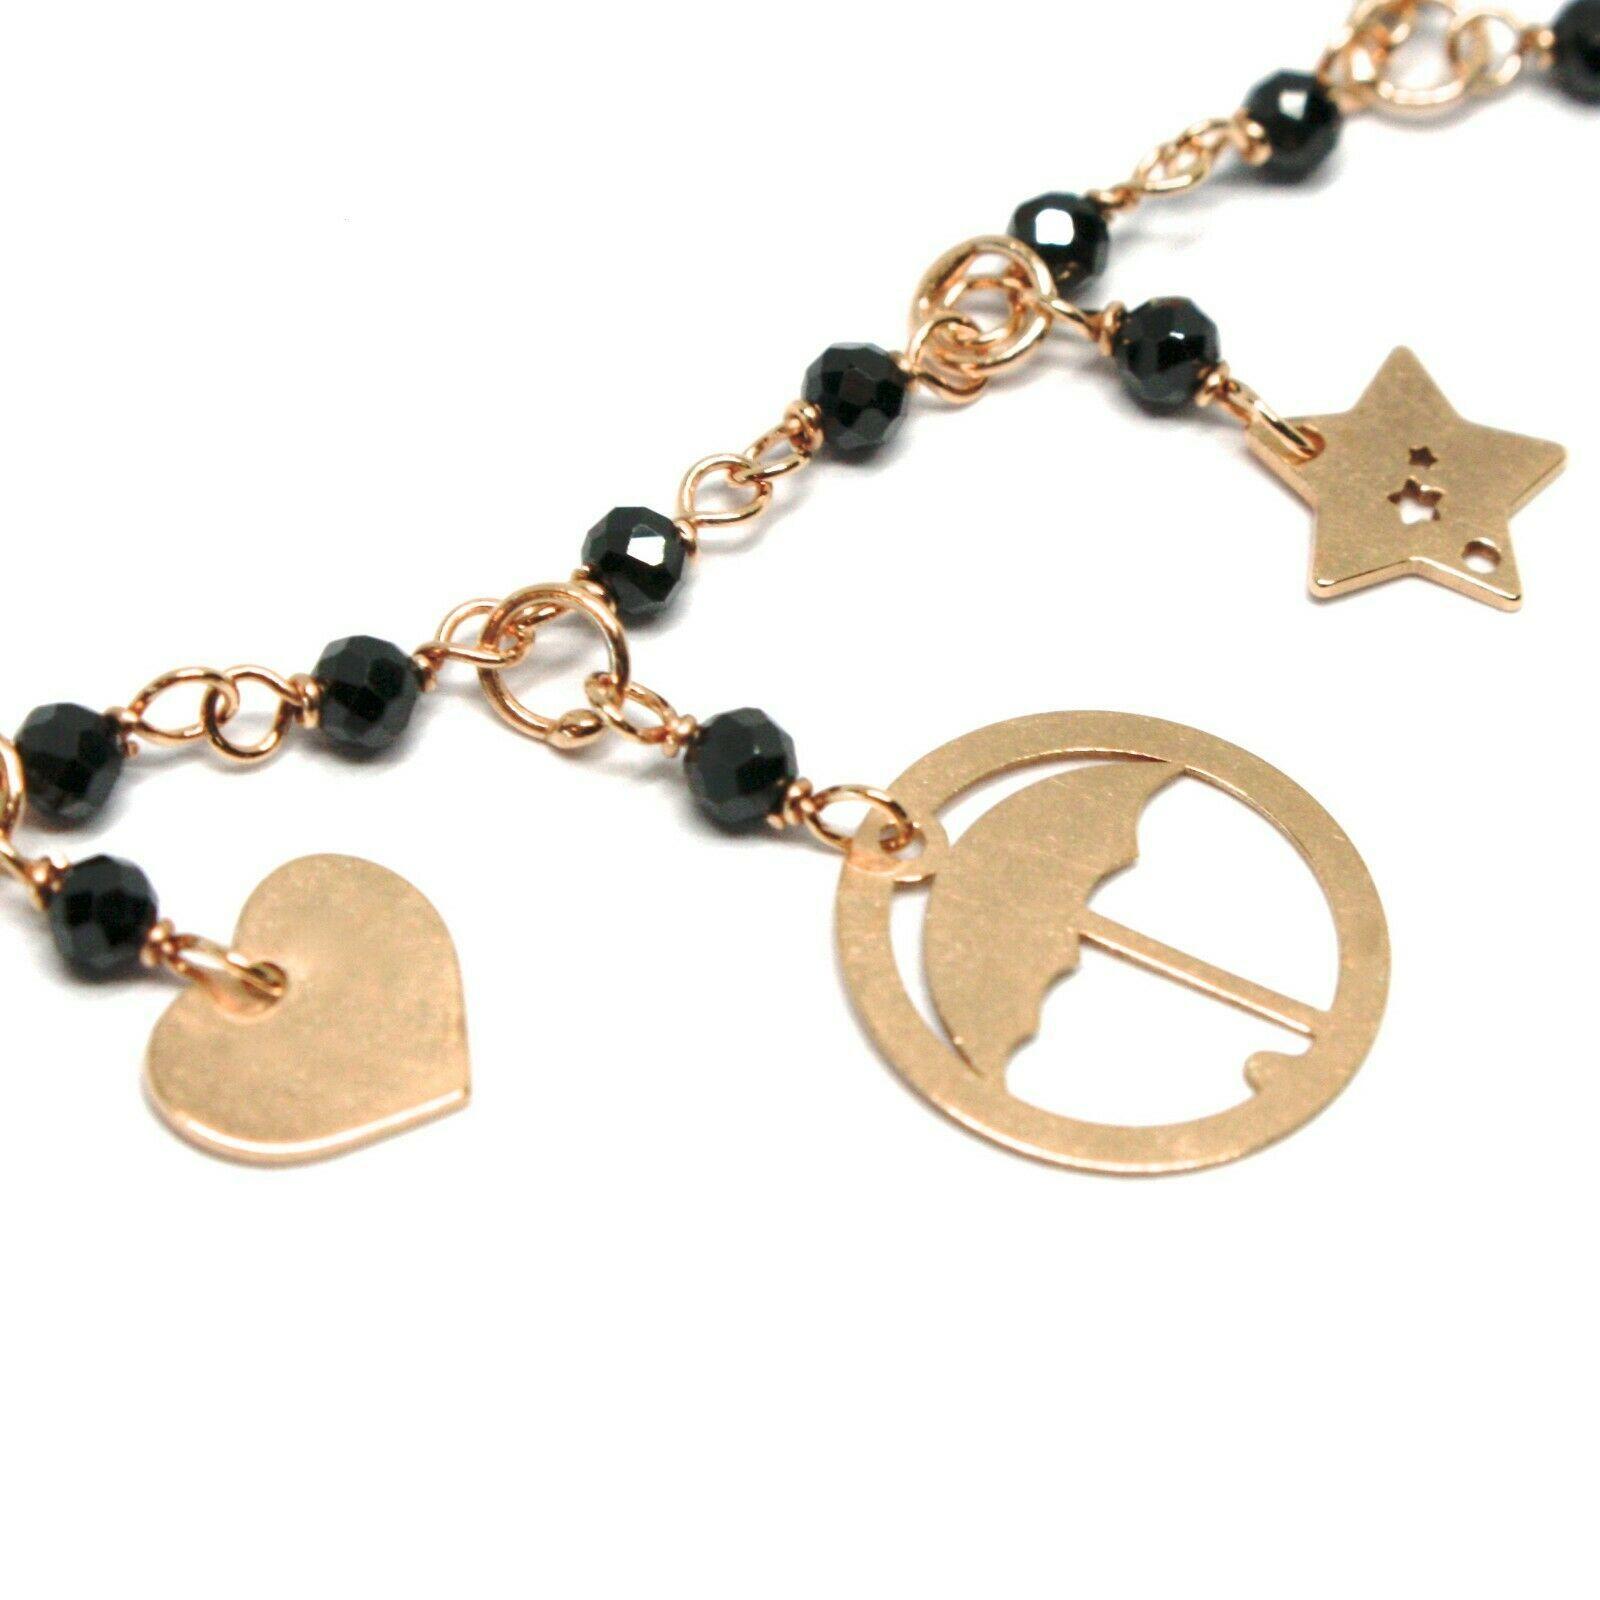 Armband und Anhänger Silber 925, Mary Tasche Regenschirm Hut Sterne, Le Favole image 3